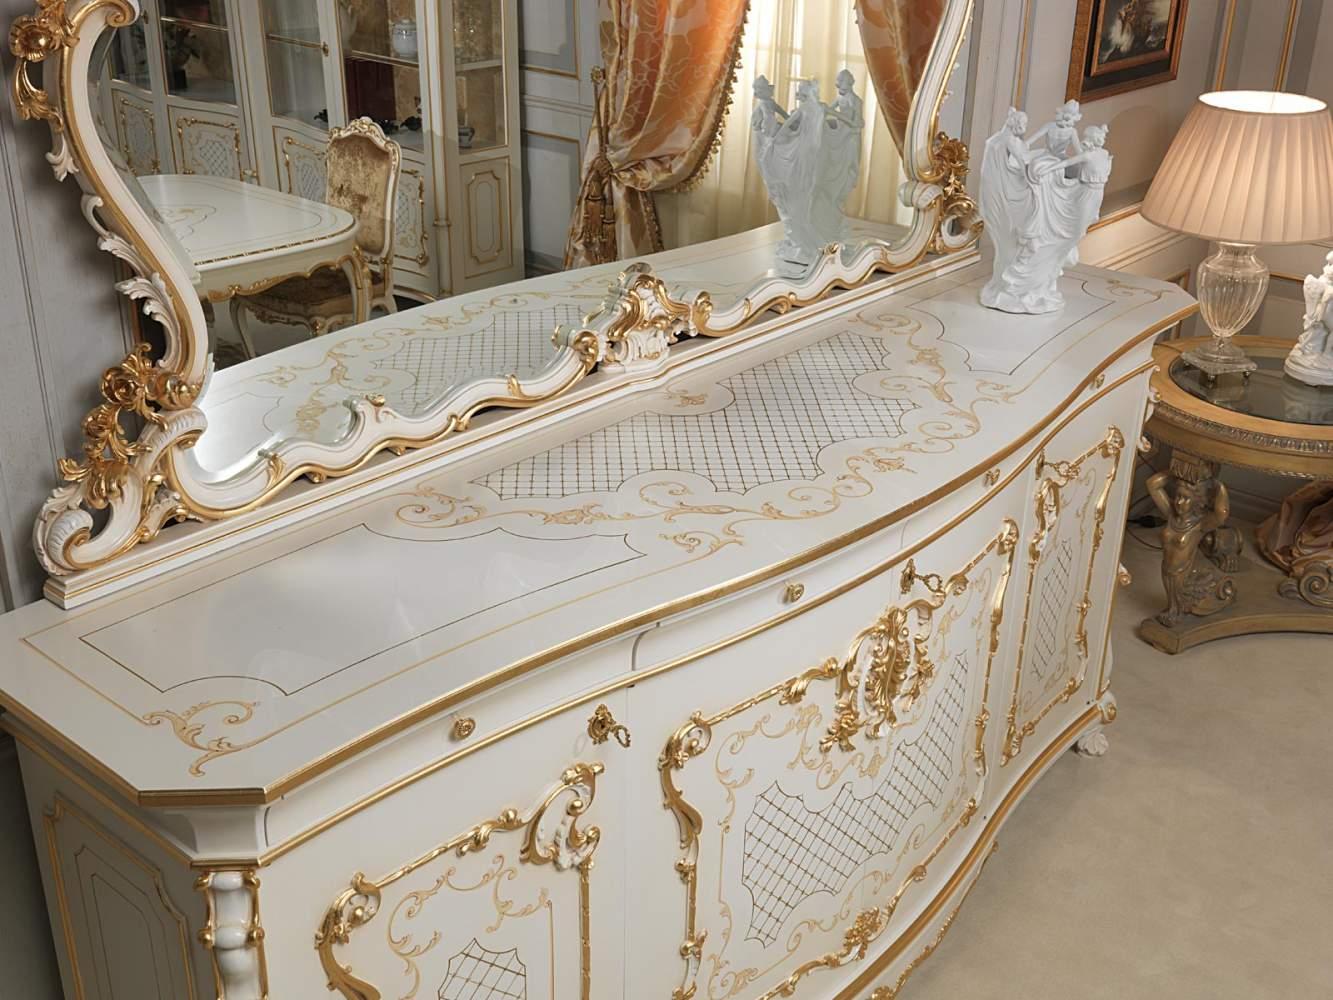 Sala Da Pranzo In Stile Luigi XV: Credenza Con Grande Specchio  #936338 1333 1000 Sala Da Pranzo Luce Calda O Fredda